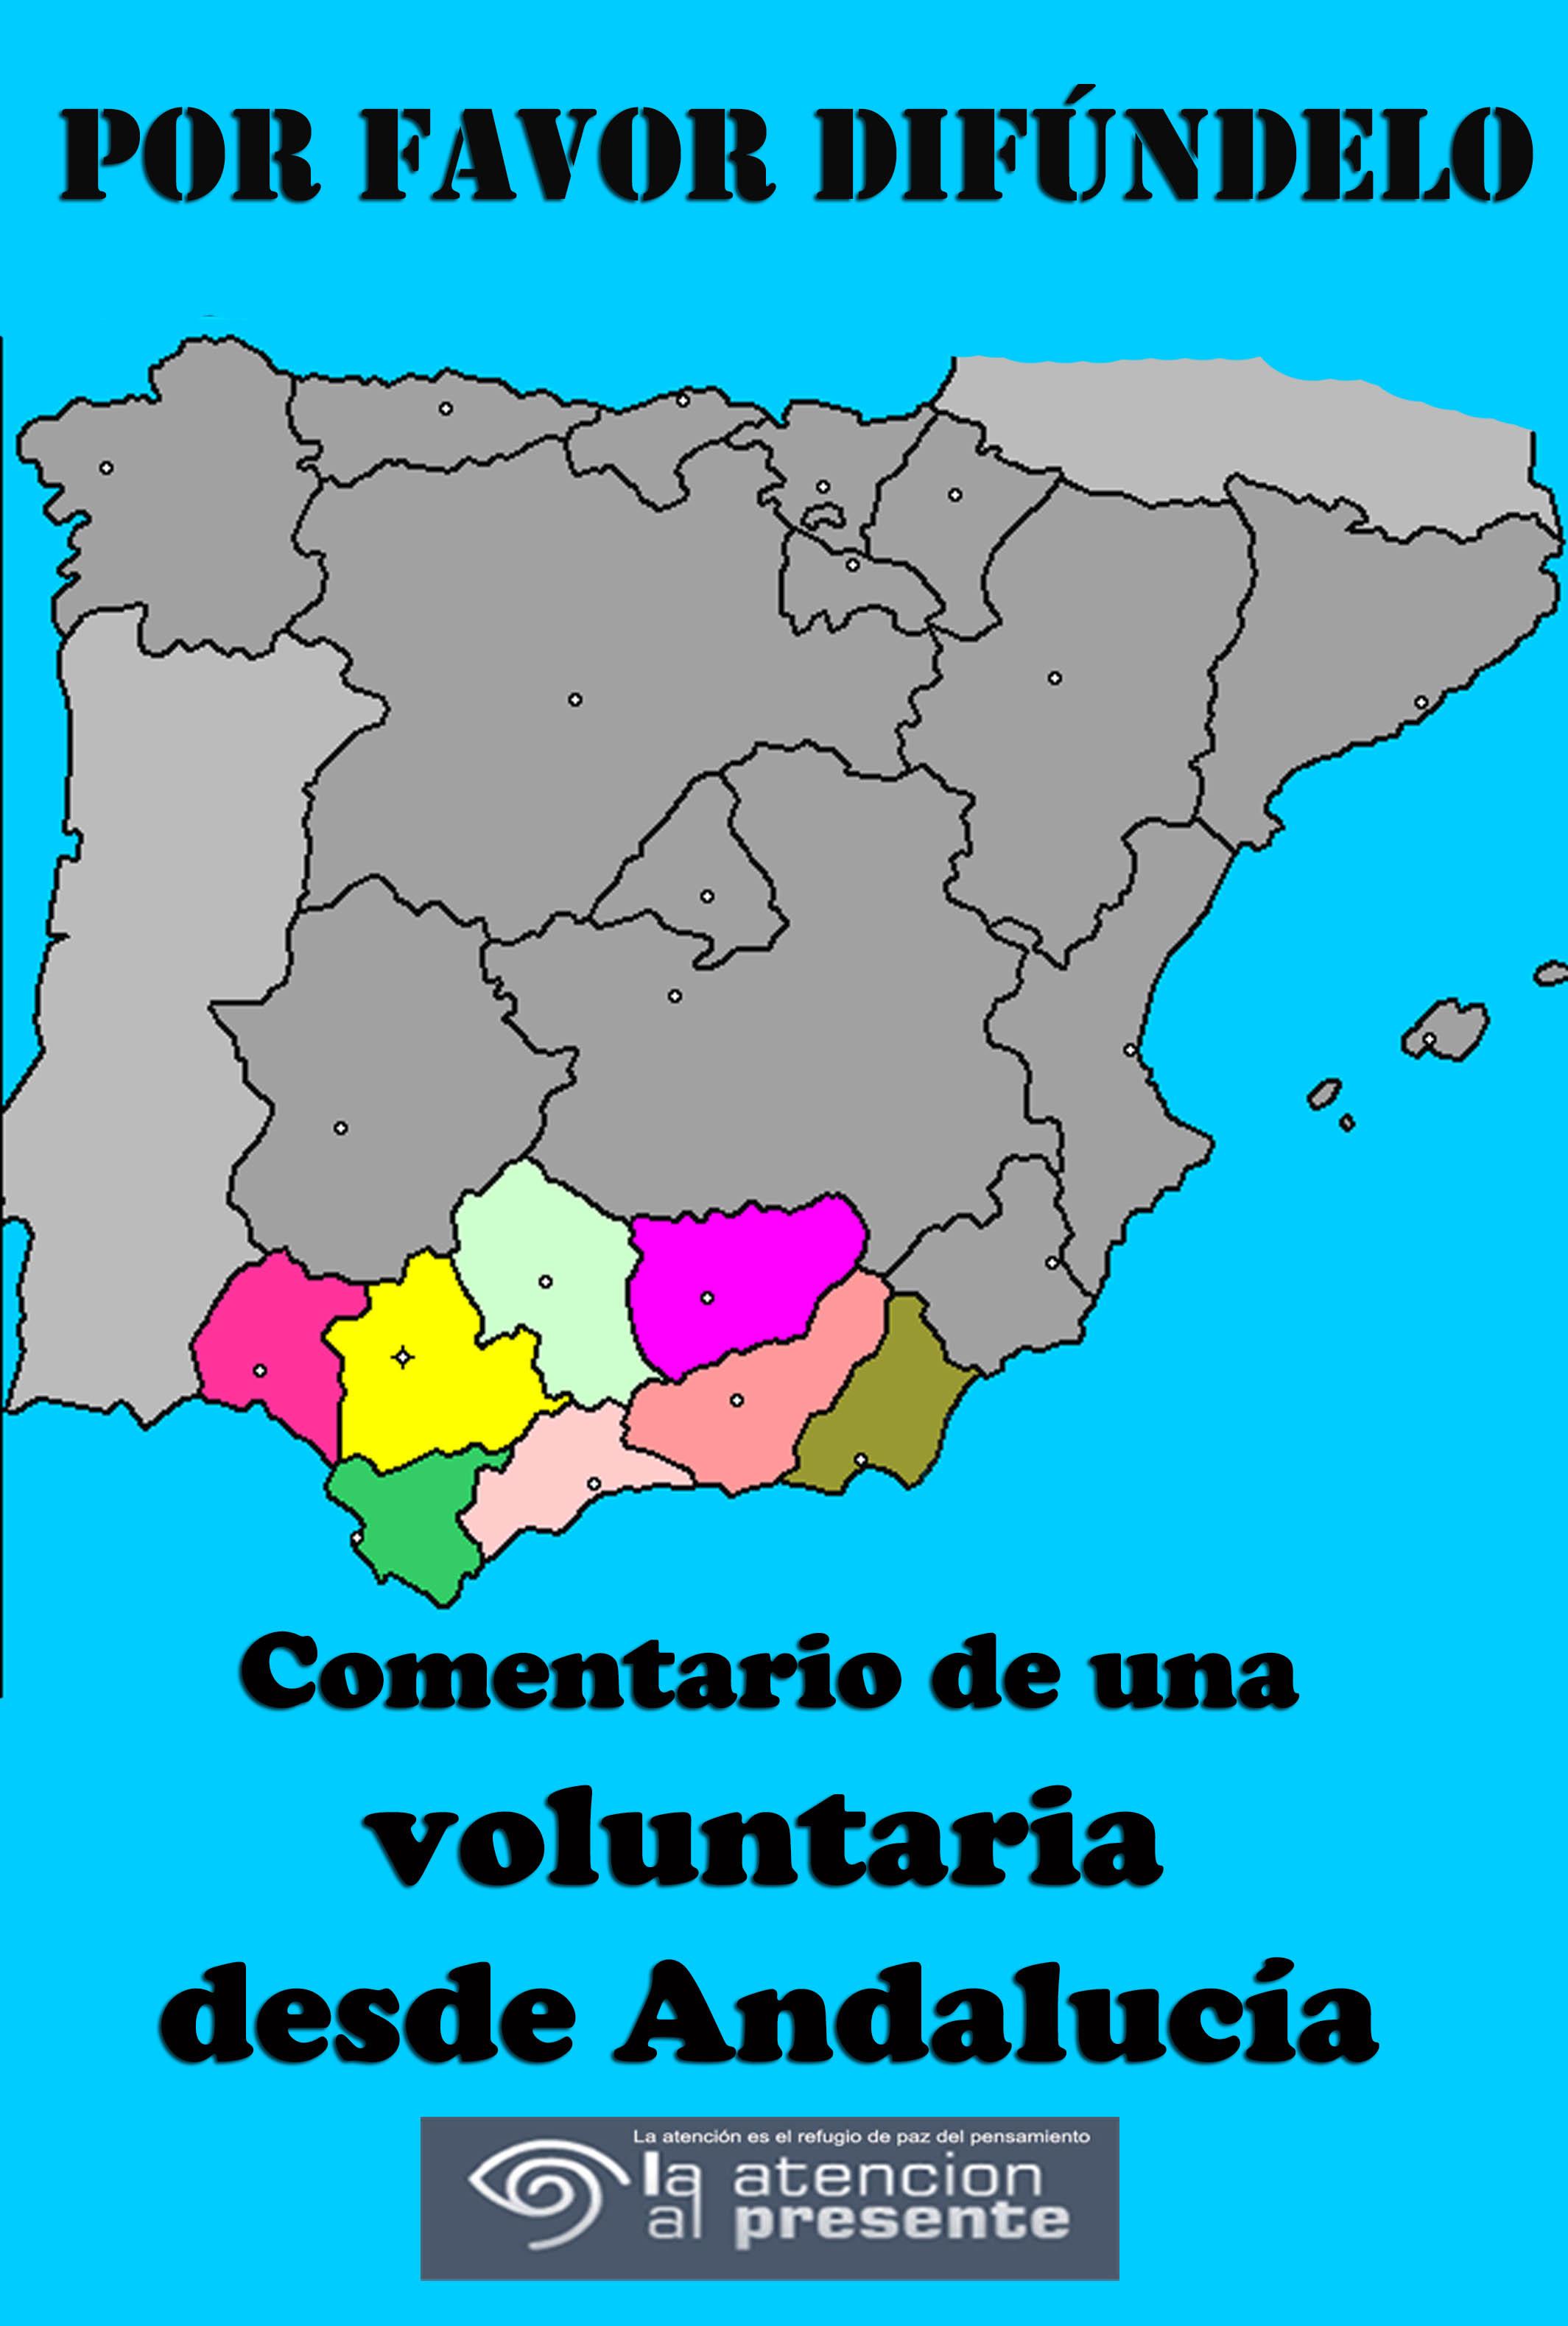 22 de abril Comentario de una voluntaria desde Andalucía 1